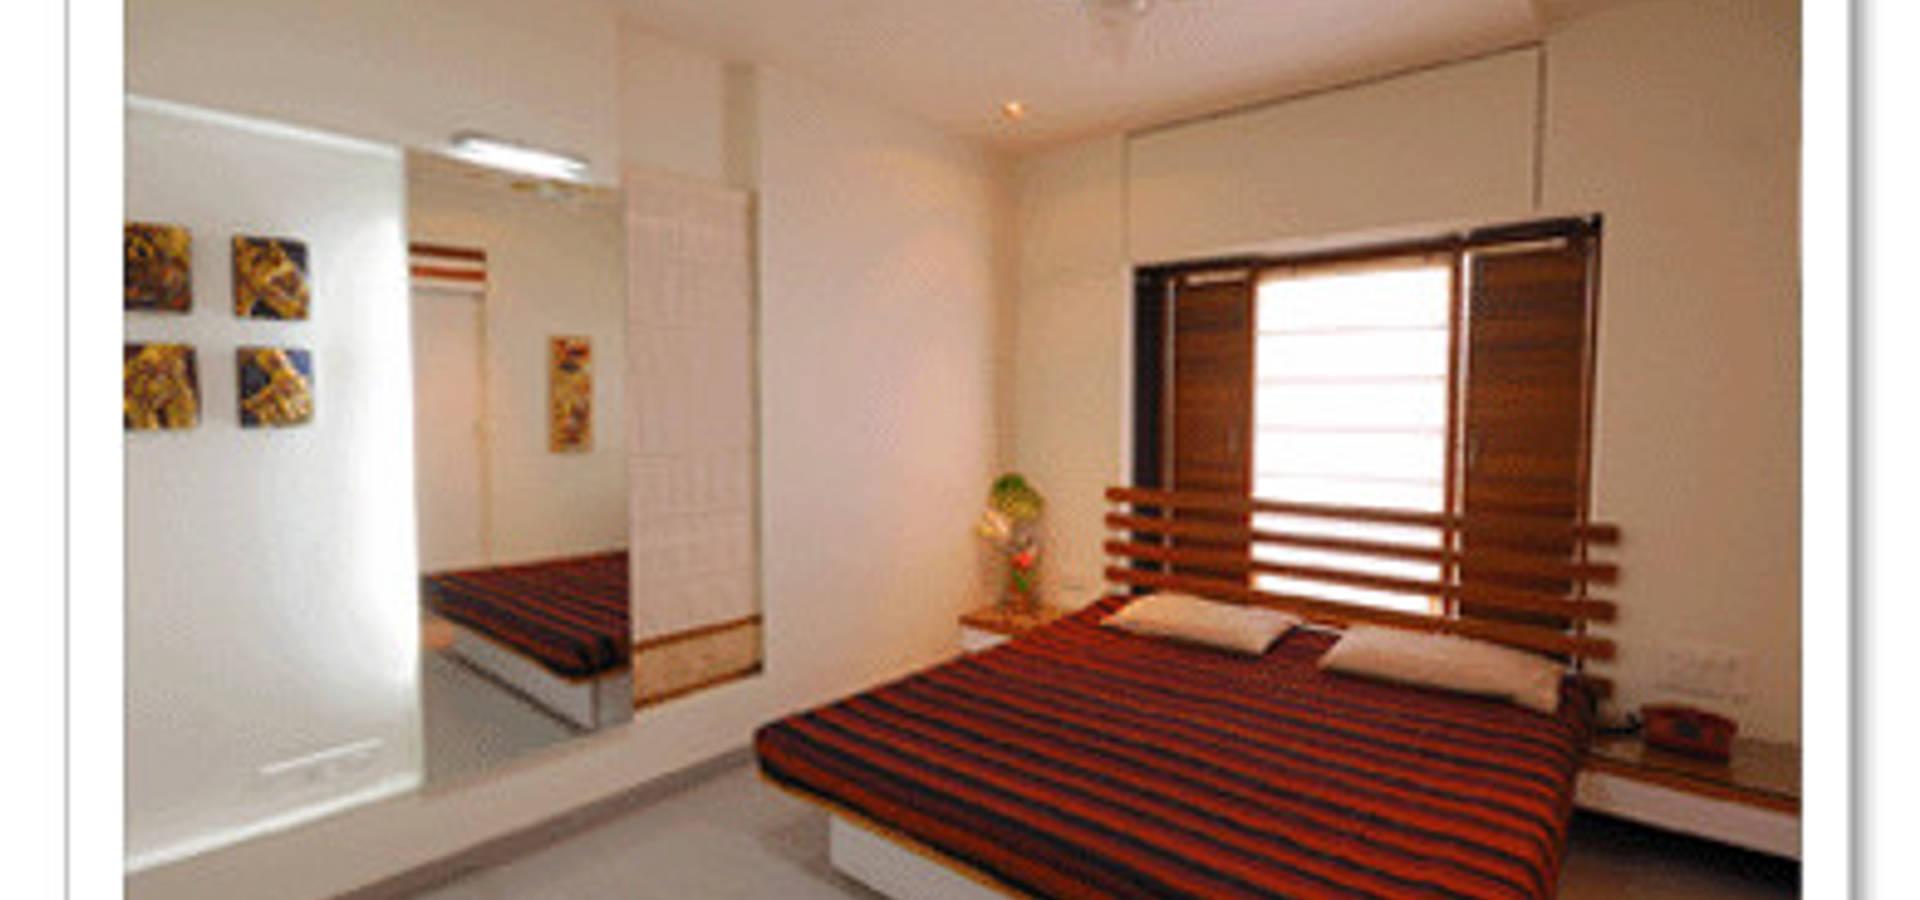 Samyak c2 Infra Pvt. Ltd.